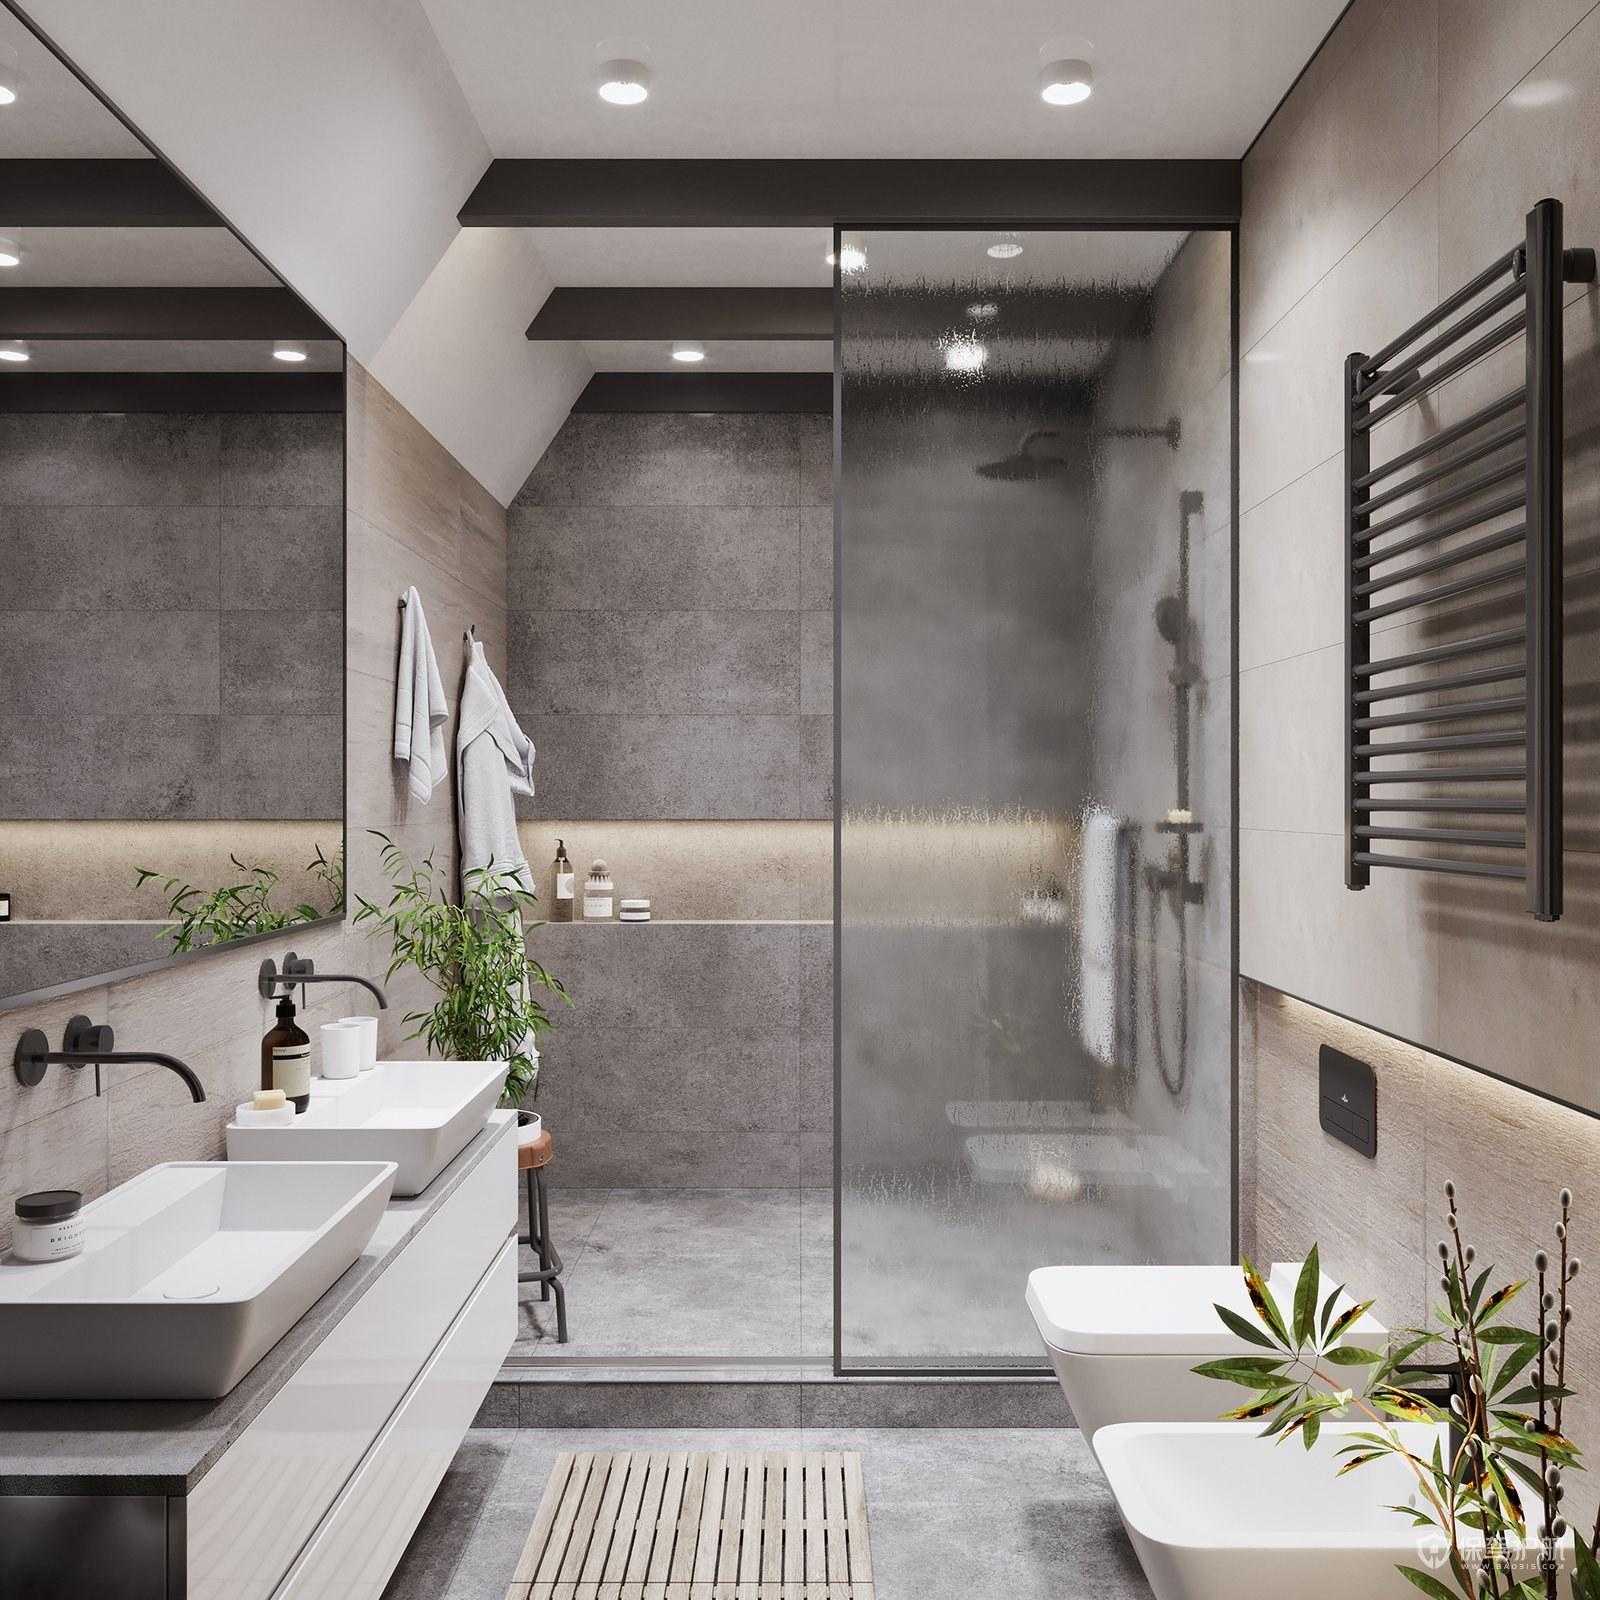 高端卫生间装修样板间设计参考